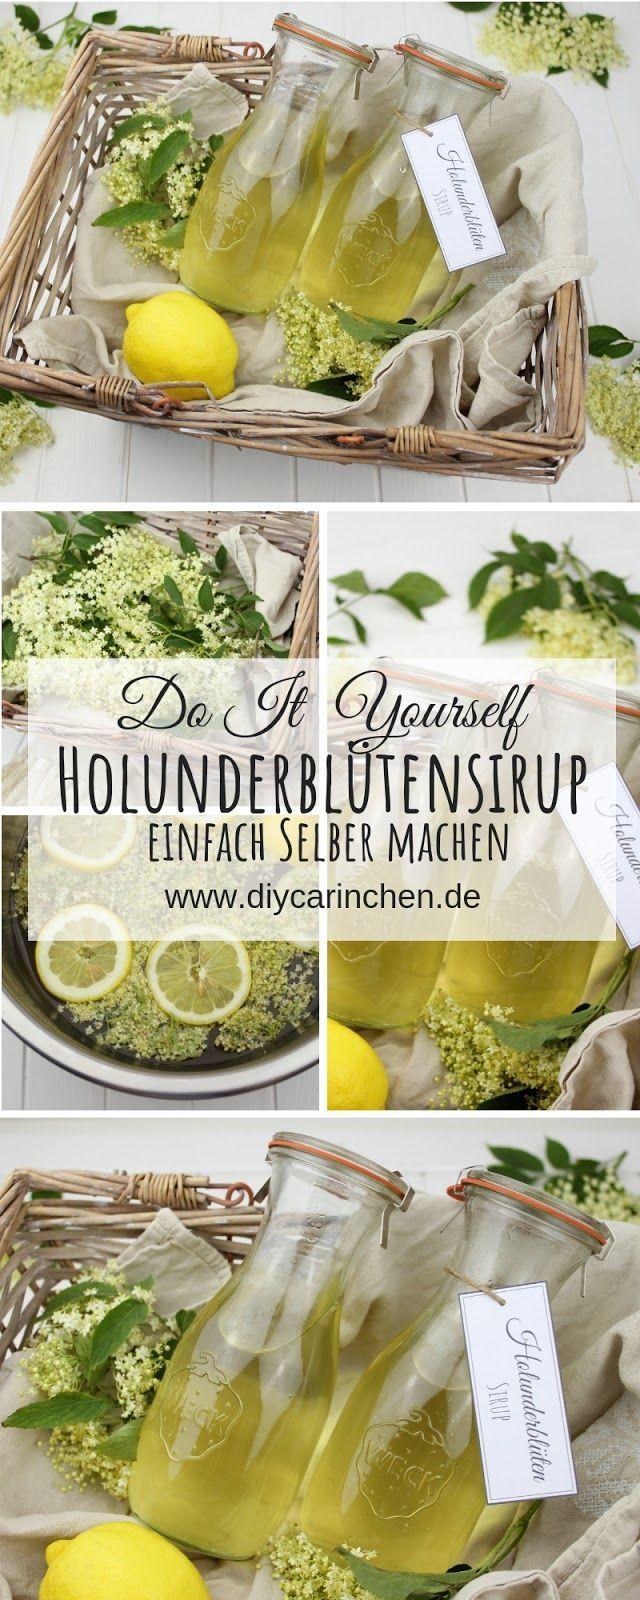 Rezept - Holunderblütensirup selber machen - schnell und einfach